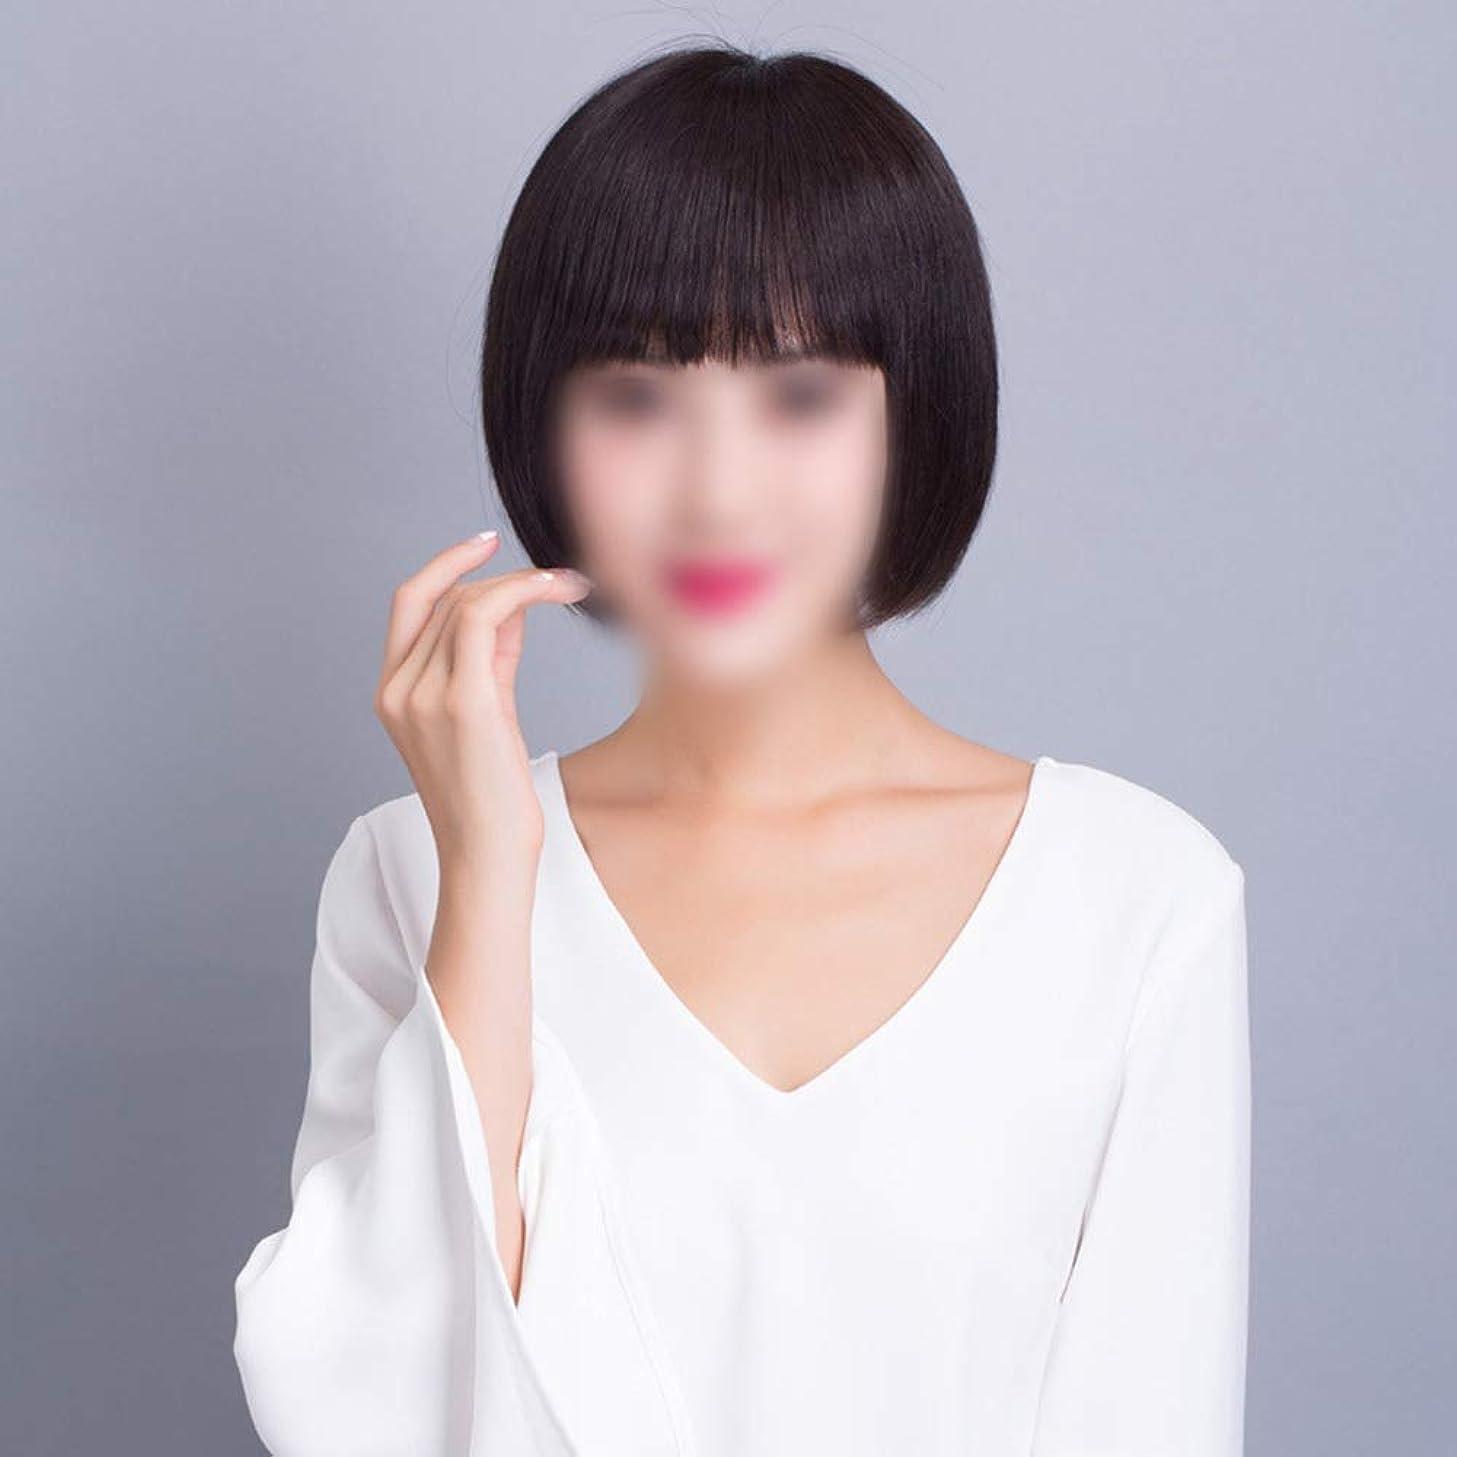 ヘアアリ辞任するBOBIDYEE 女性のショートボブウィッグハンサムなショートストレートヘアナチュラルリアルなふわふわ手織りかつらファッションウィッグ (色 : 黒, Design : Hand-woven heart)